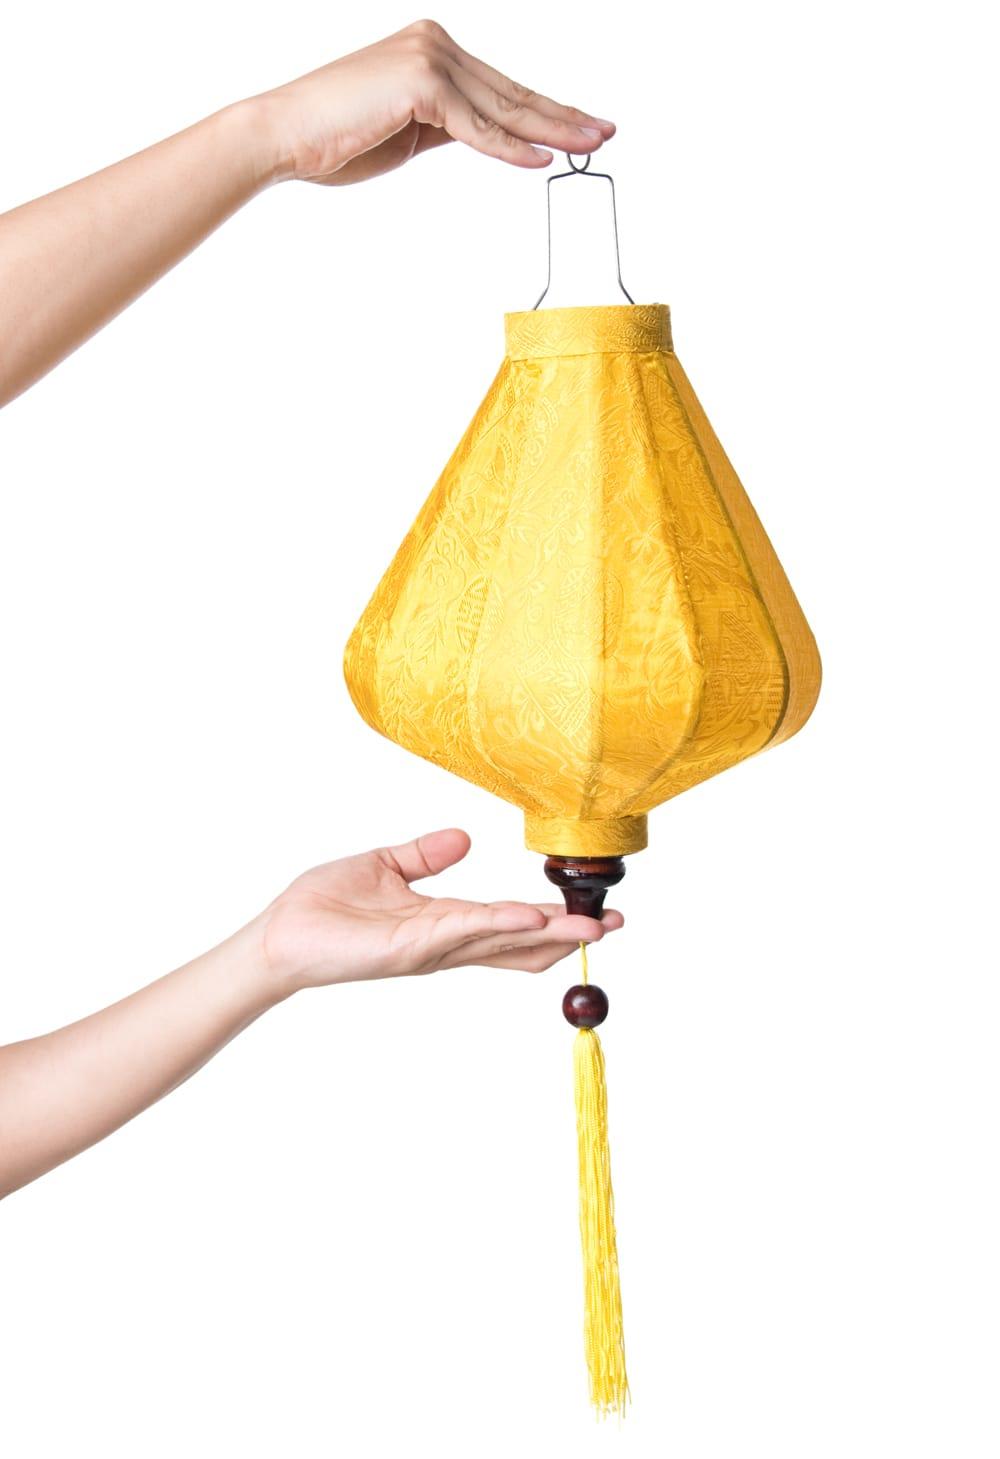 ベトナム伝統のホイアン・ランタン(提灯) - ダイヤ型(小) 8 - サイズ感の比較のため手に持ってみました。